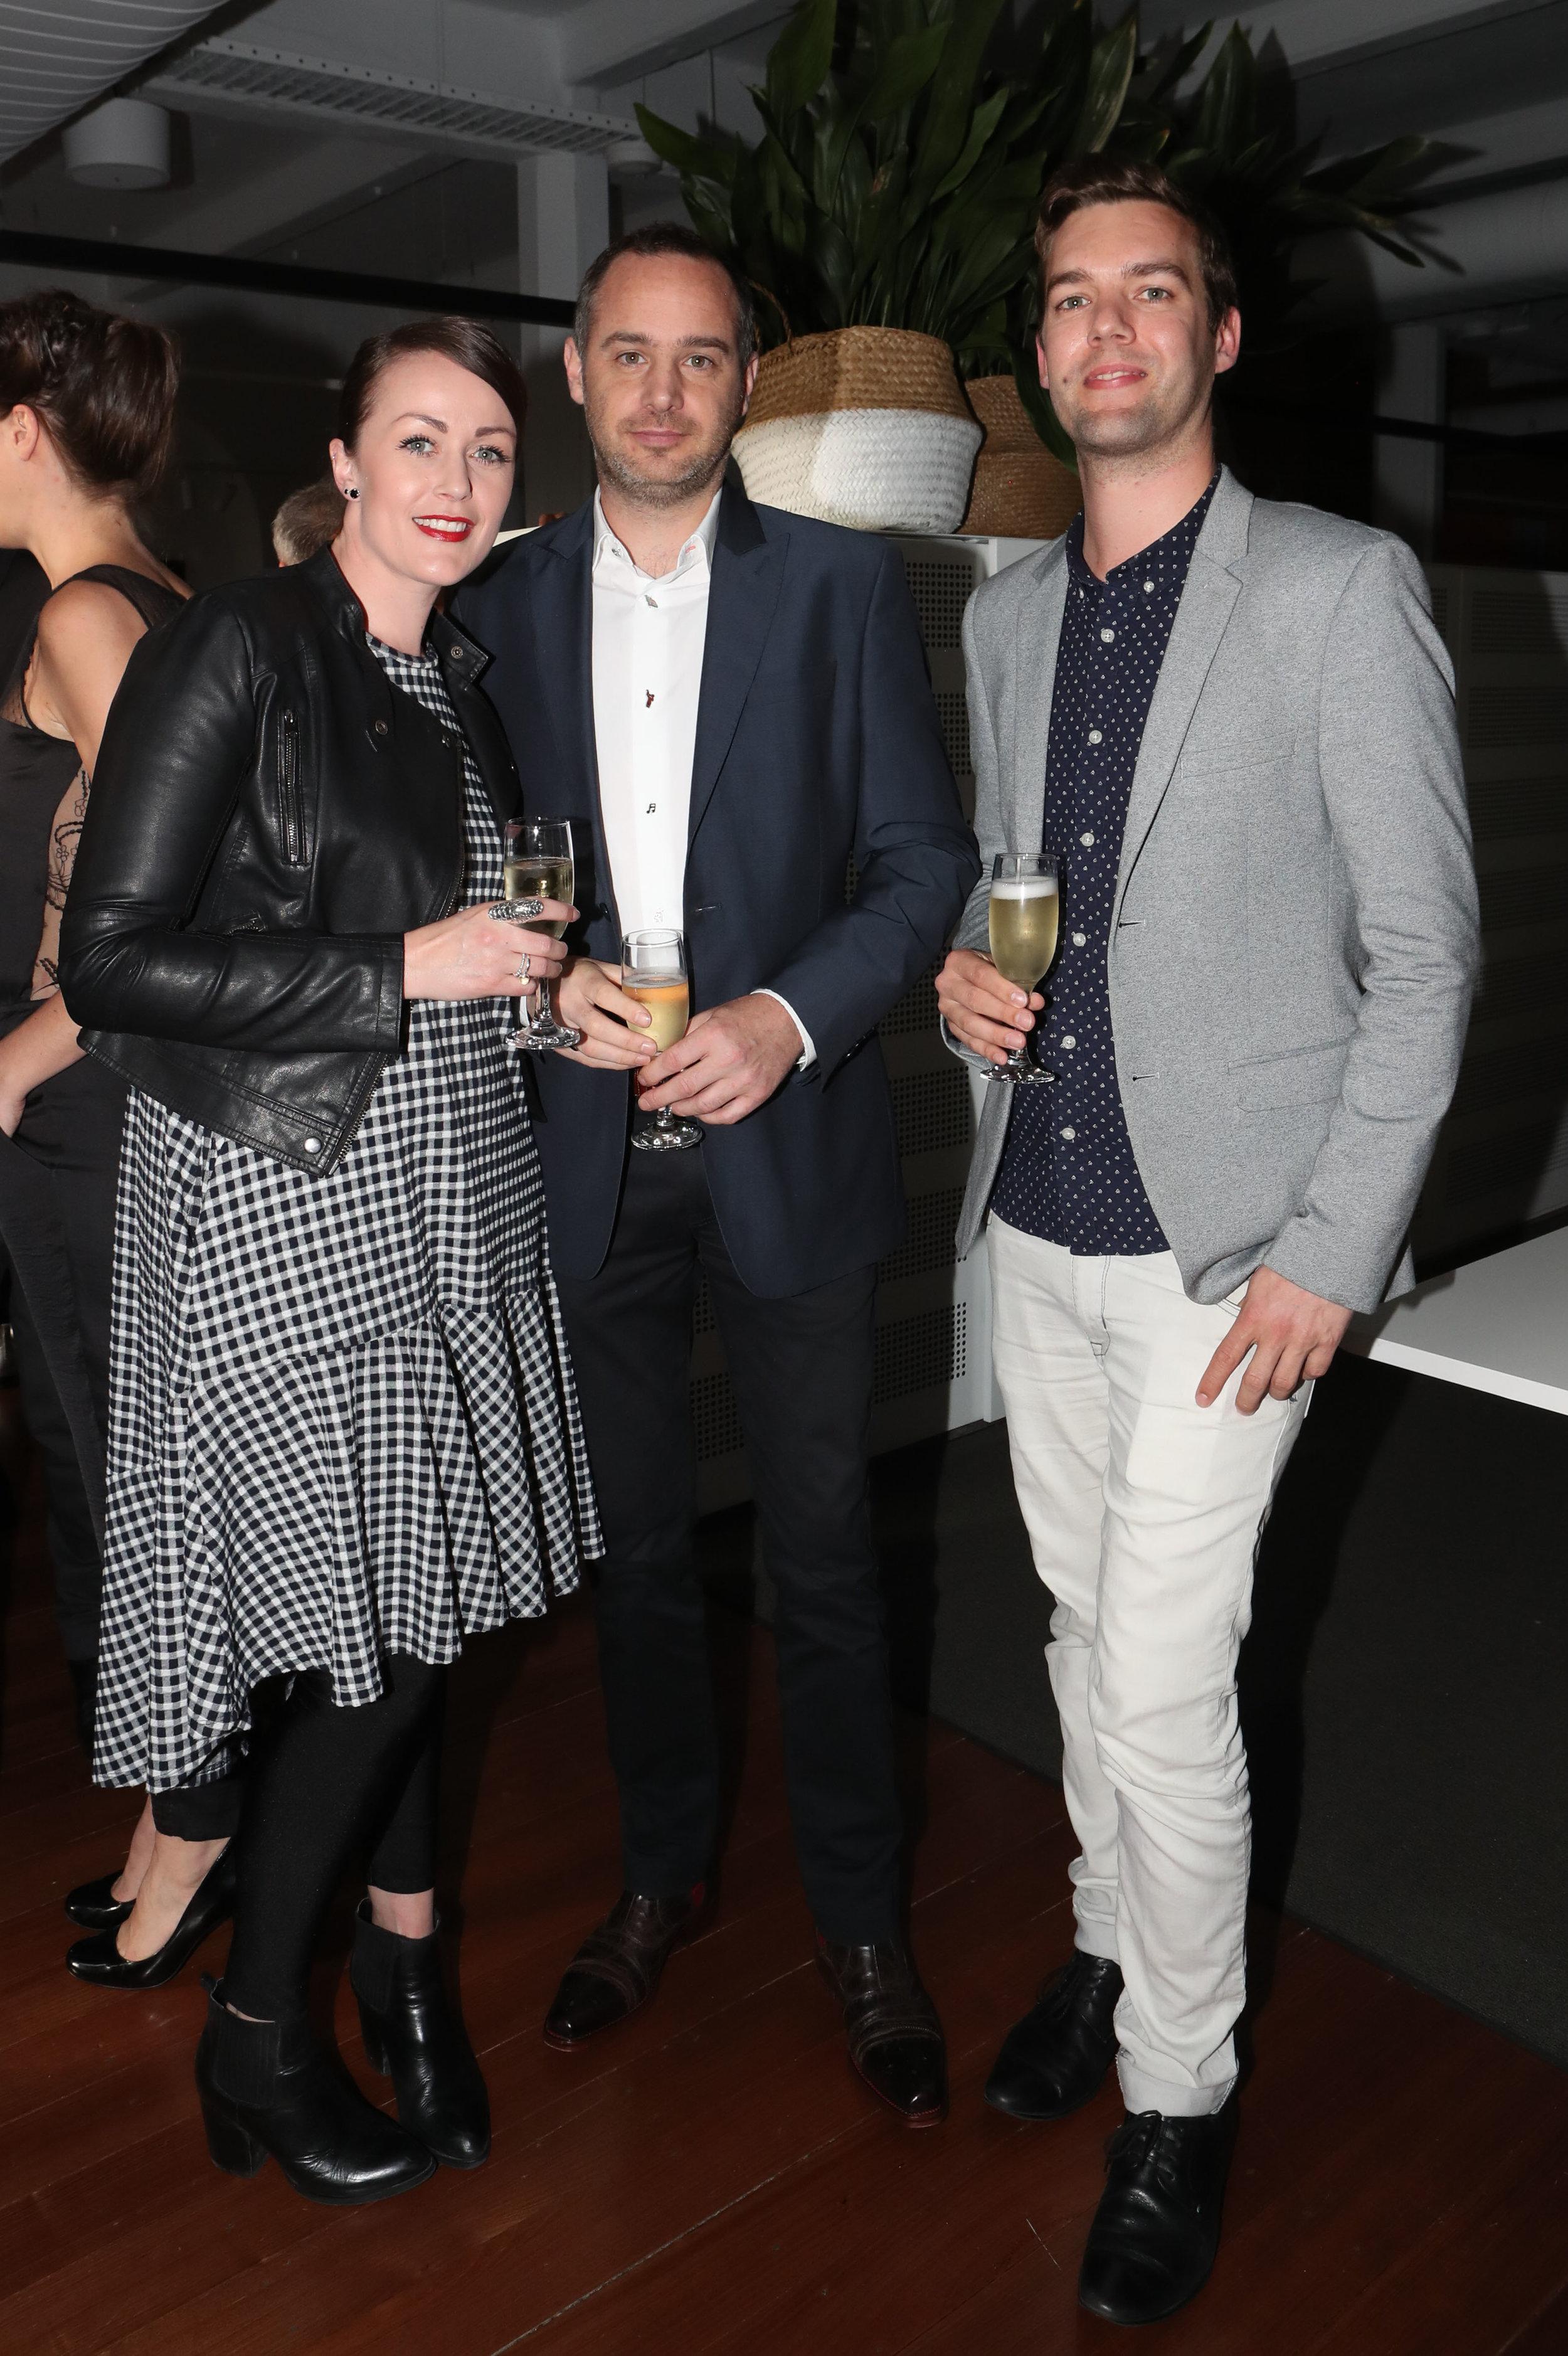 Kate McCluskey, Nigel Morris and Beaudene Fulwood (1).jpg